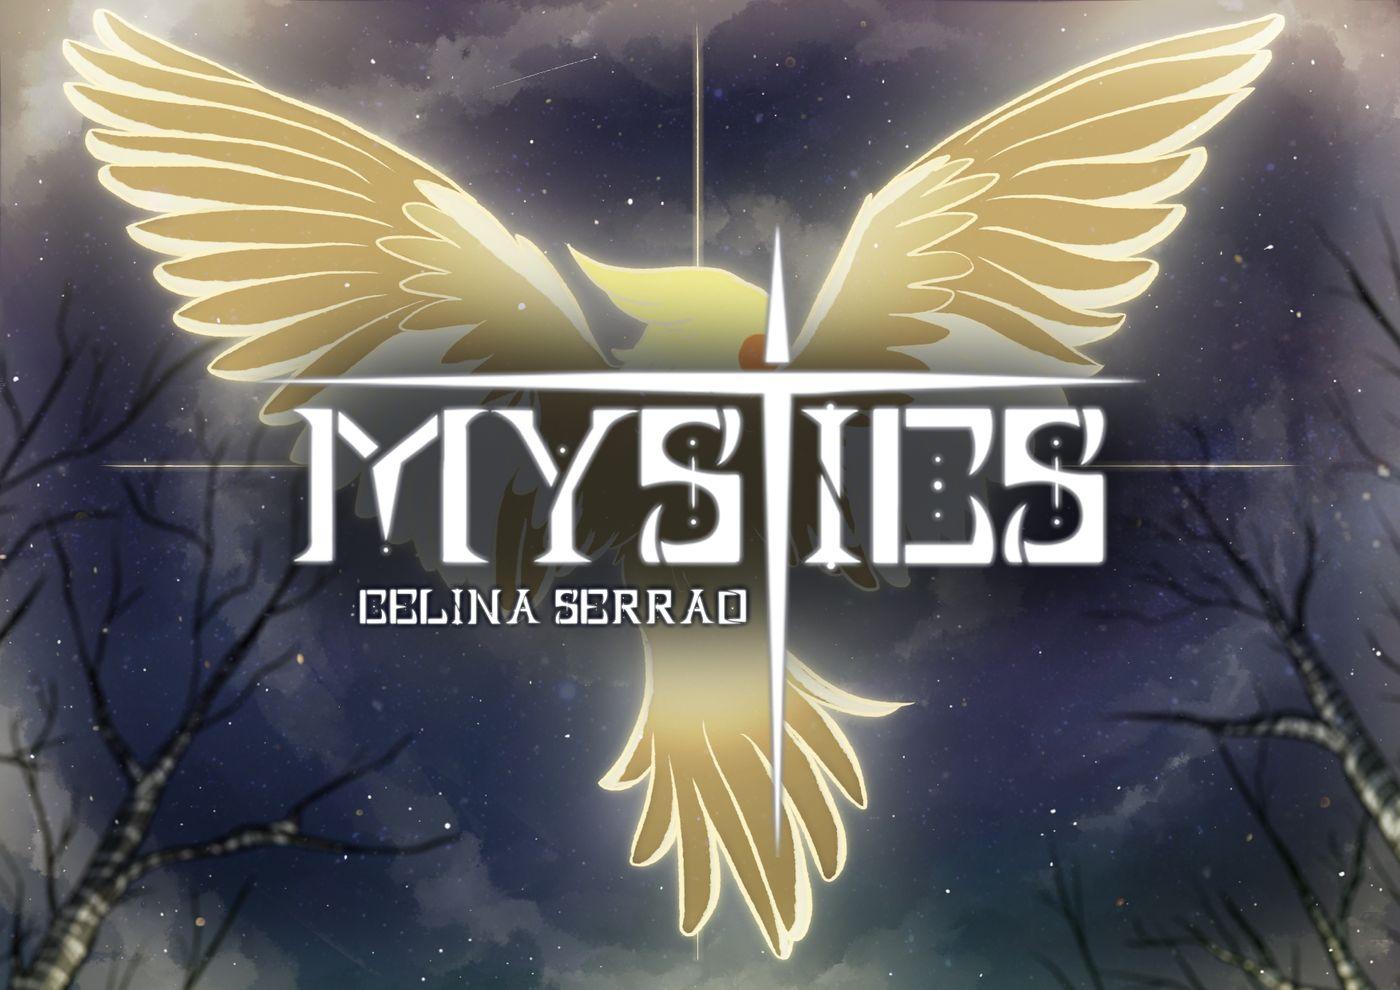 Mystics Poster4 2020 Celinaserrao